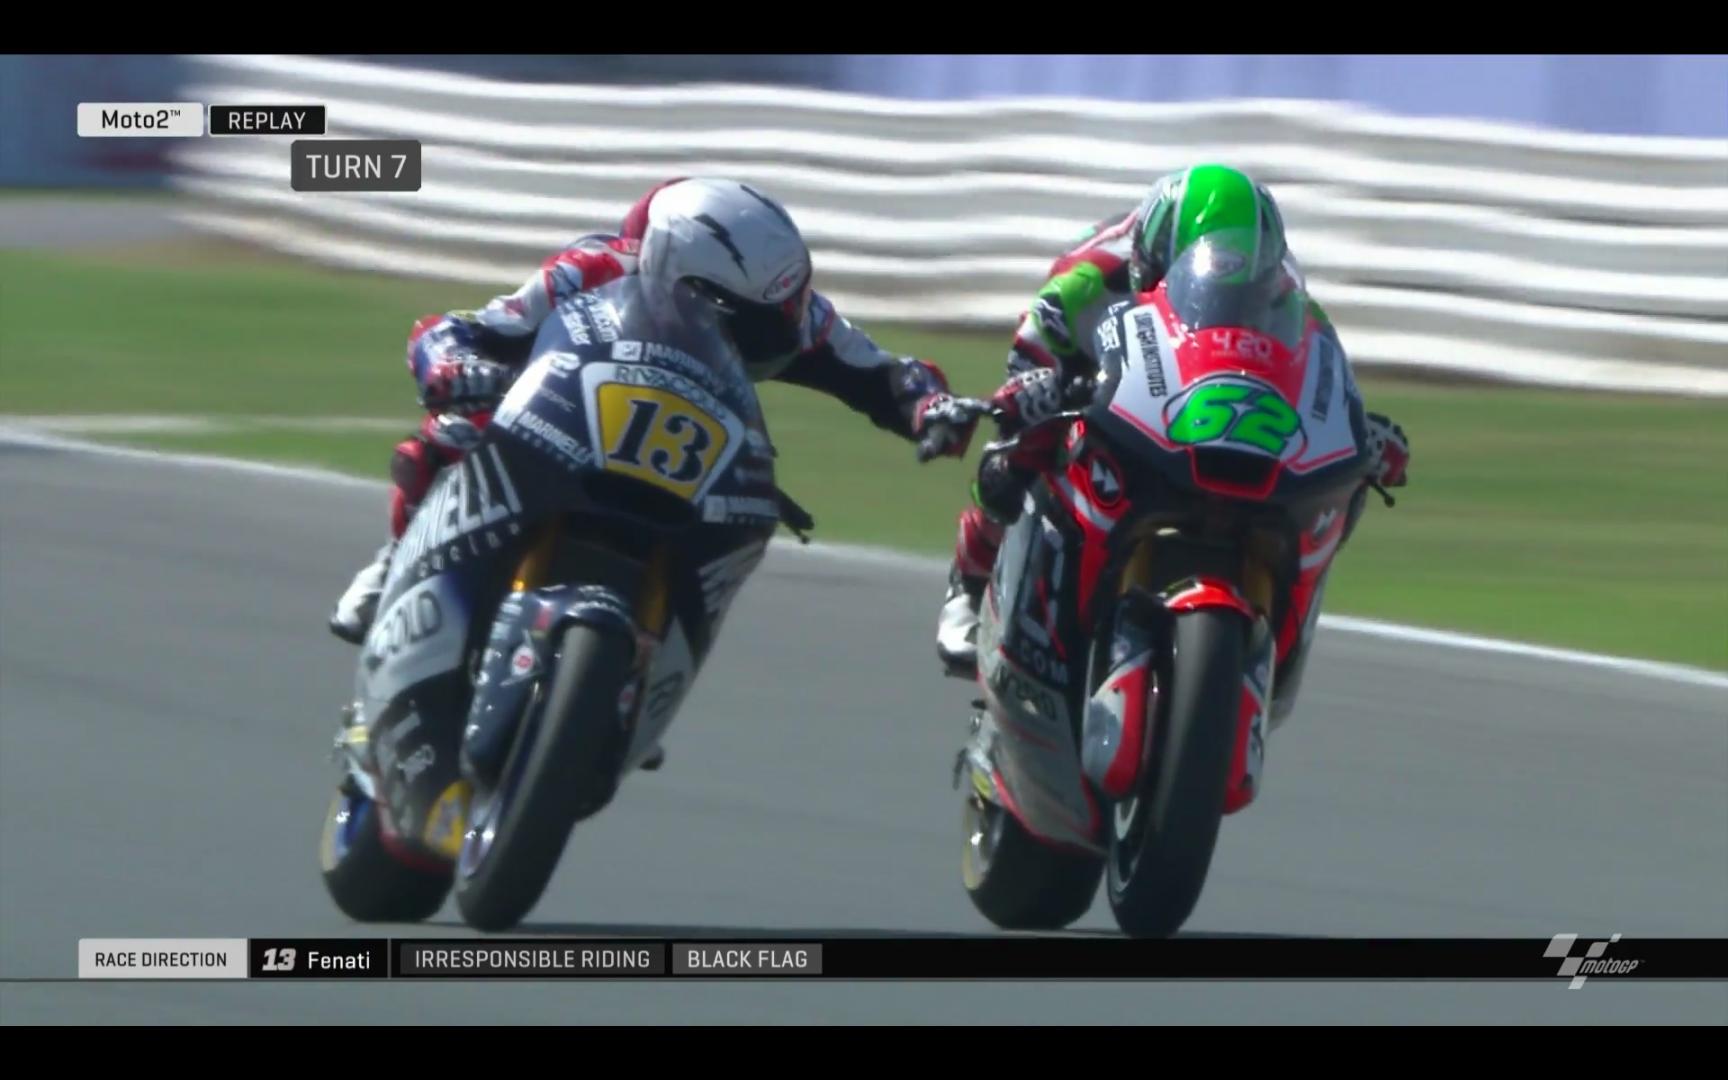 Follia di Fenati in Moto 2 a Misano: preme la leva del freno di Manzi ai 250 all'ora. Squalificato